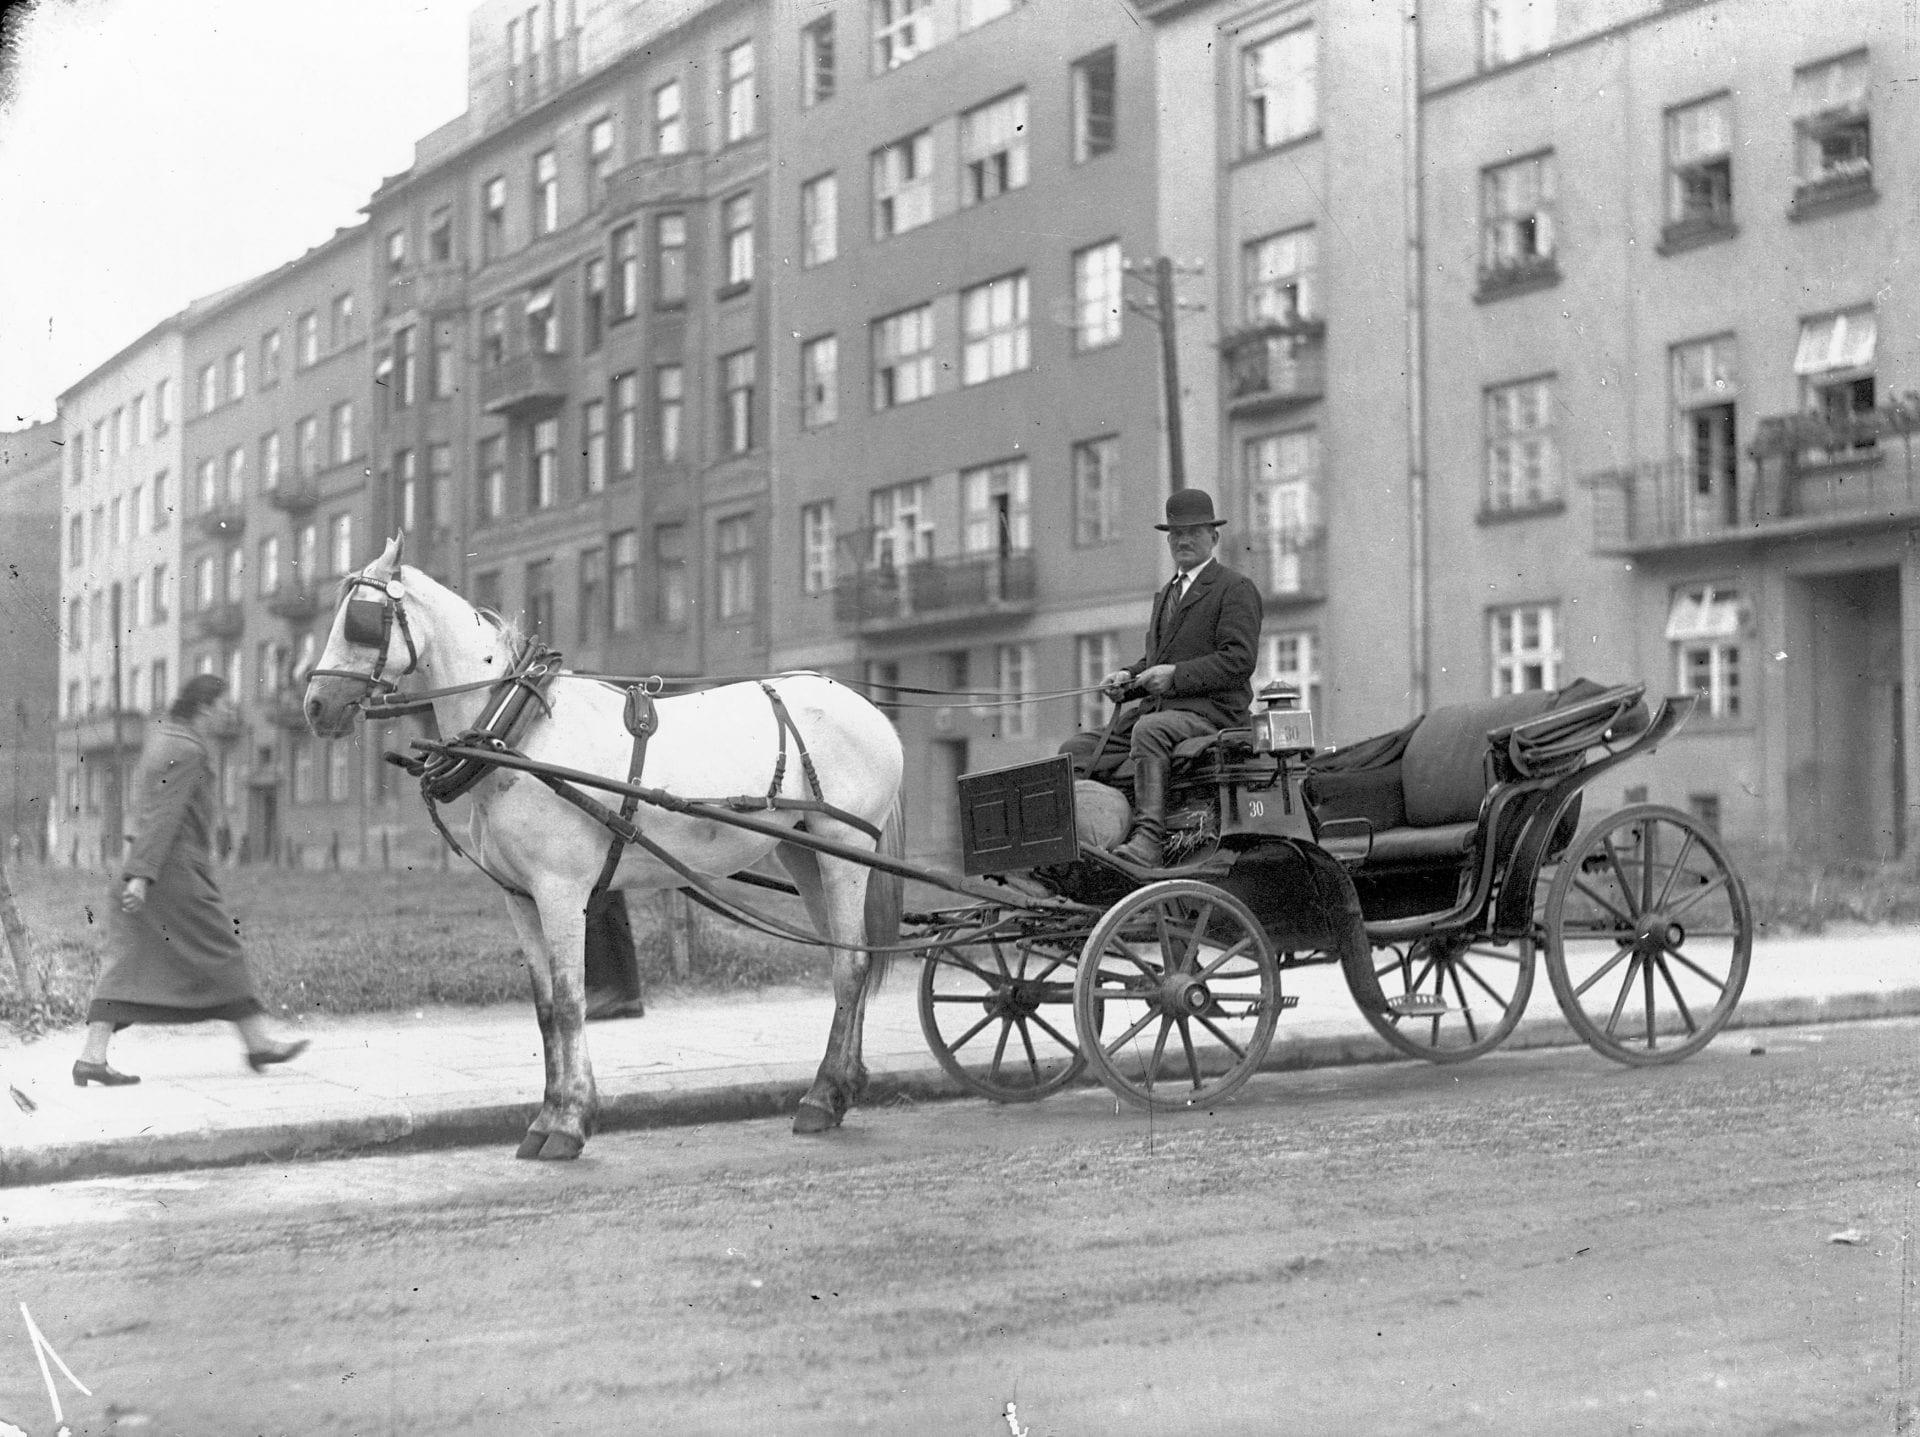 Krakowski fiakier lub - jak kto woli - dorożkarz. Zdjęcie wykonano około 1935 roku. Źródło: Narodowe Archiwum Cyfrowe.